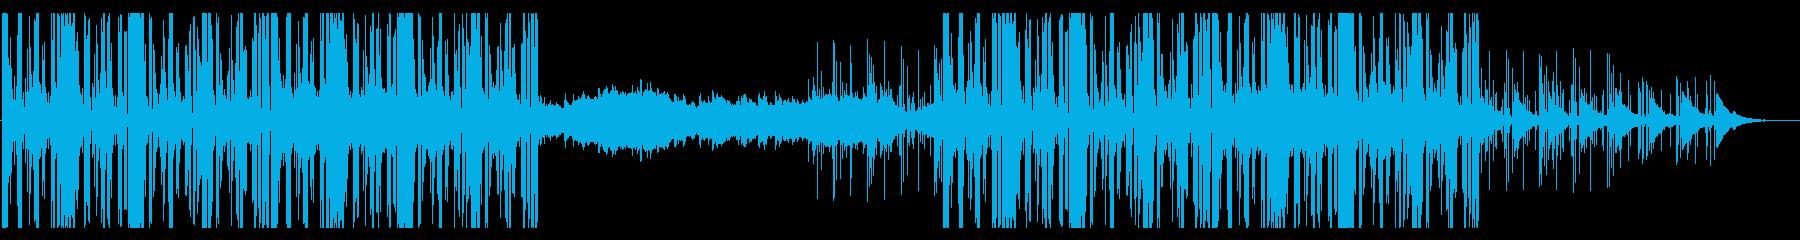 サスペンスなどのテーマ曲、メロディアスの再生済みの波形